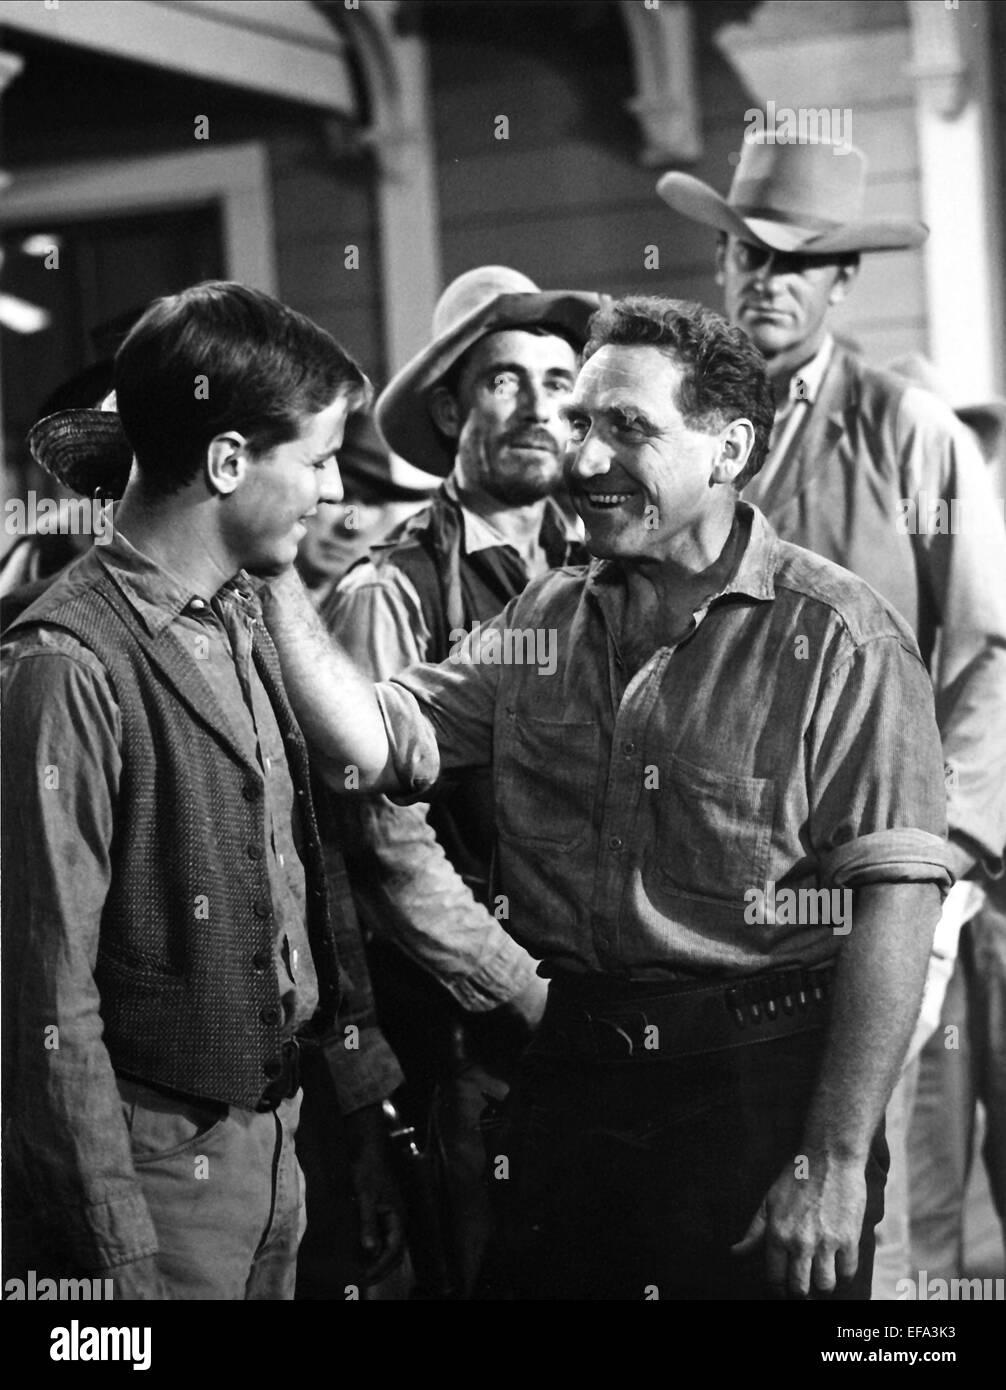 JAMES WHITMORE, KEN CURTIS, JAMES ARNESS, GUNSMOKE, 1959 - Stock Image